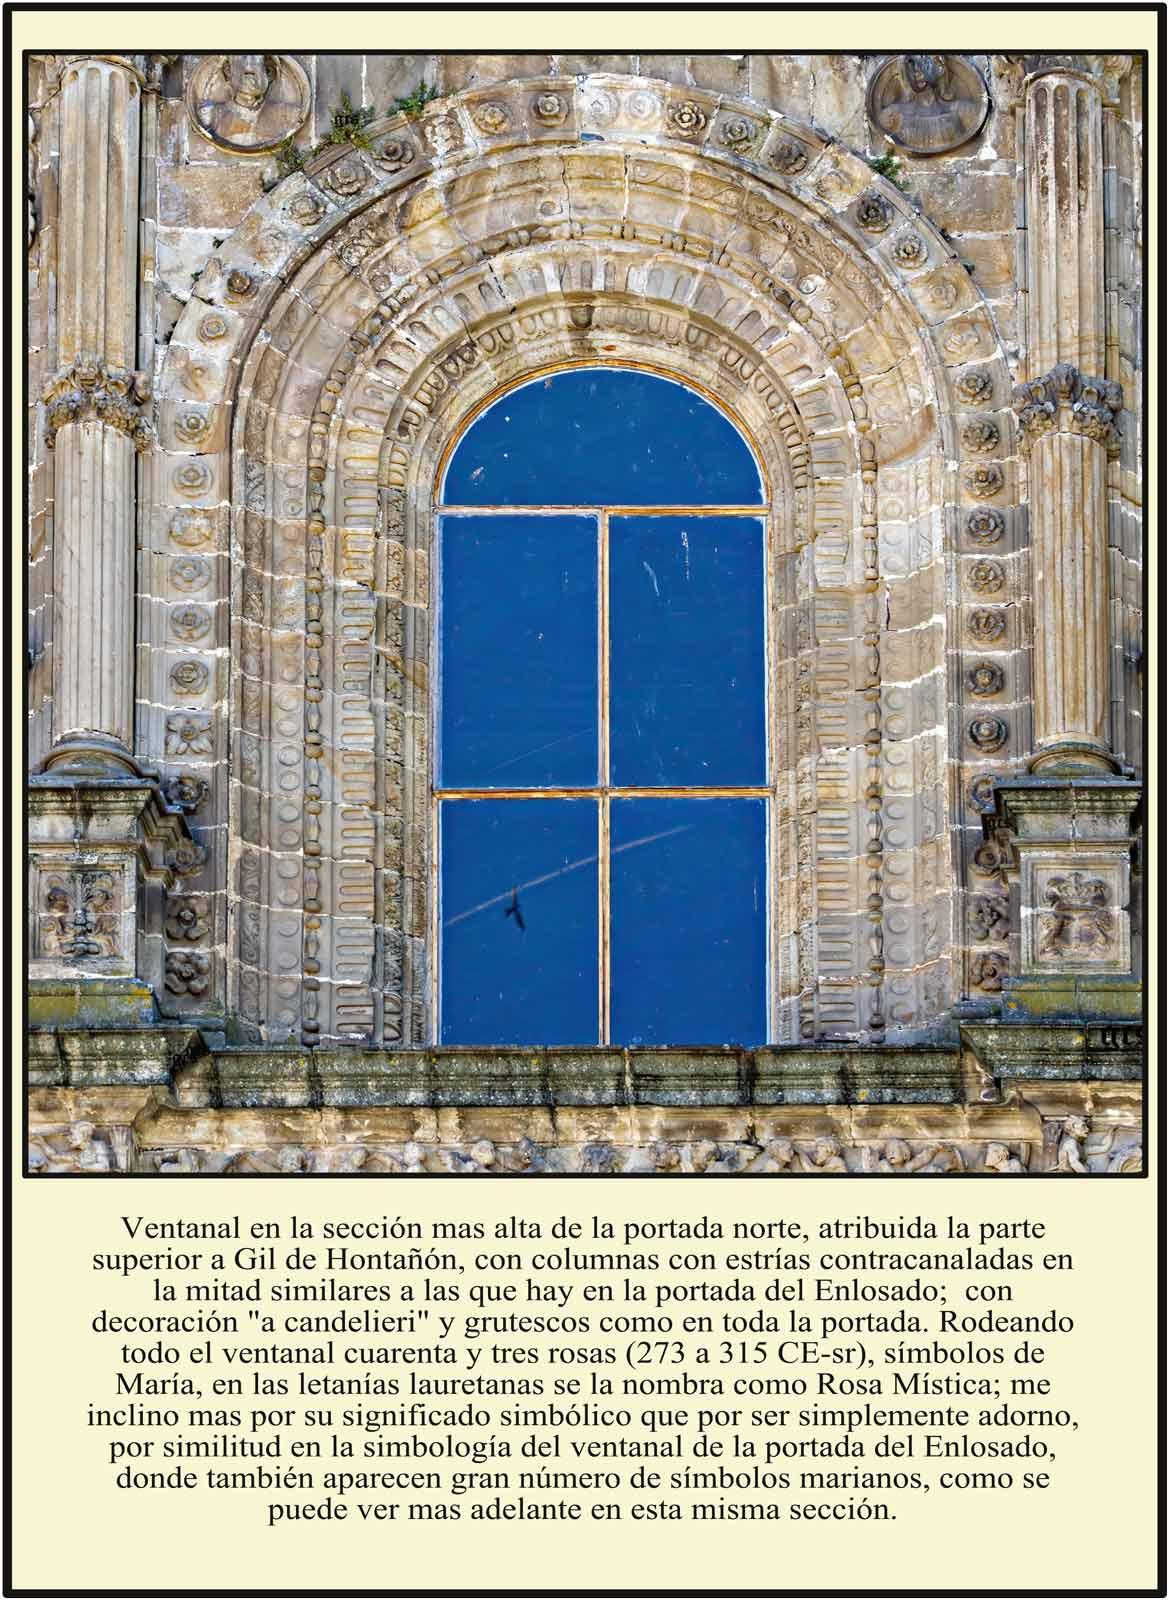 Ventanal Portada Norte Símbolos Marianos en la Catedral Dorada Plasencia